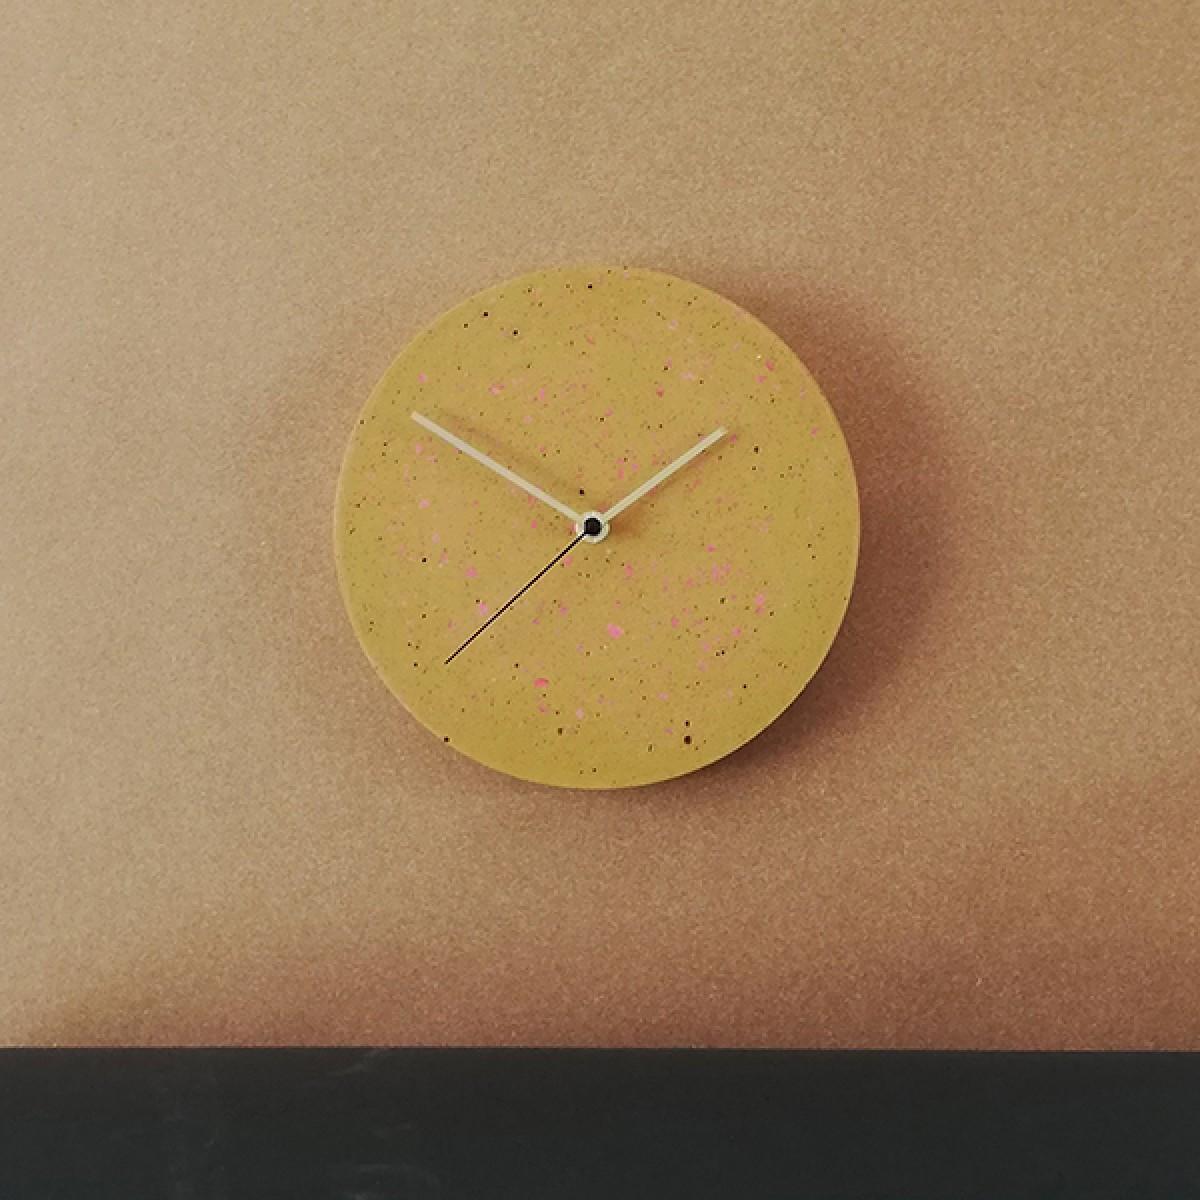 Terrazzo Wanduhr mit Uhrzeiger aus Messing, gelb – VLO design